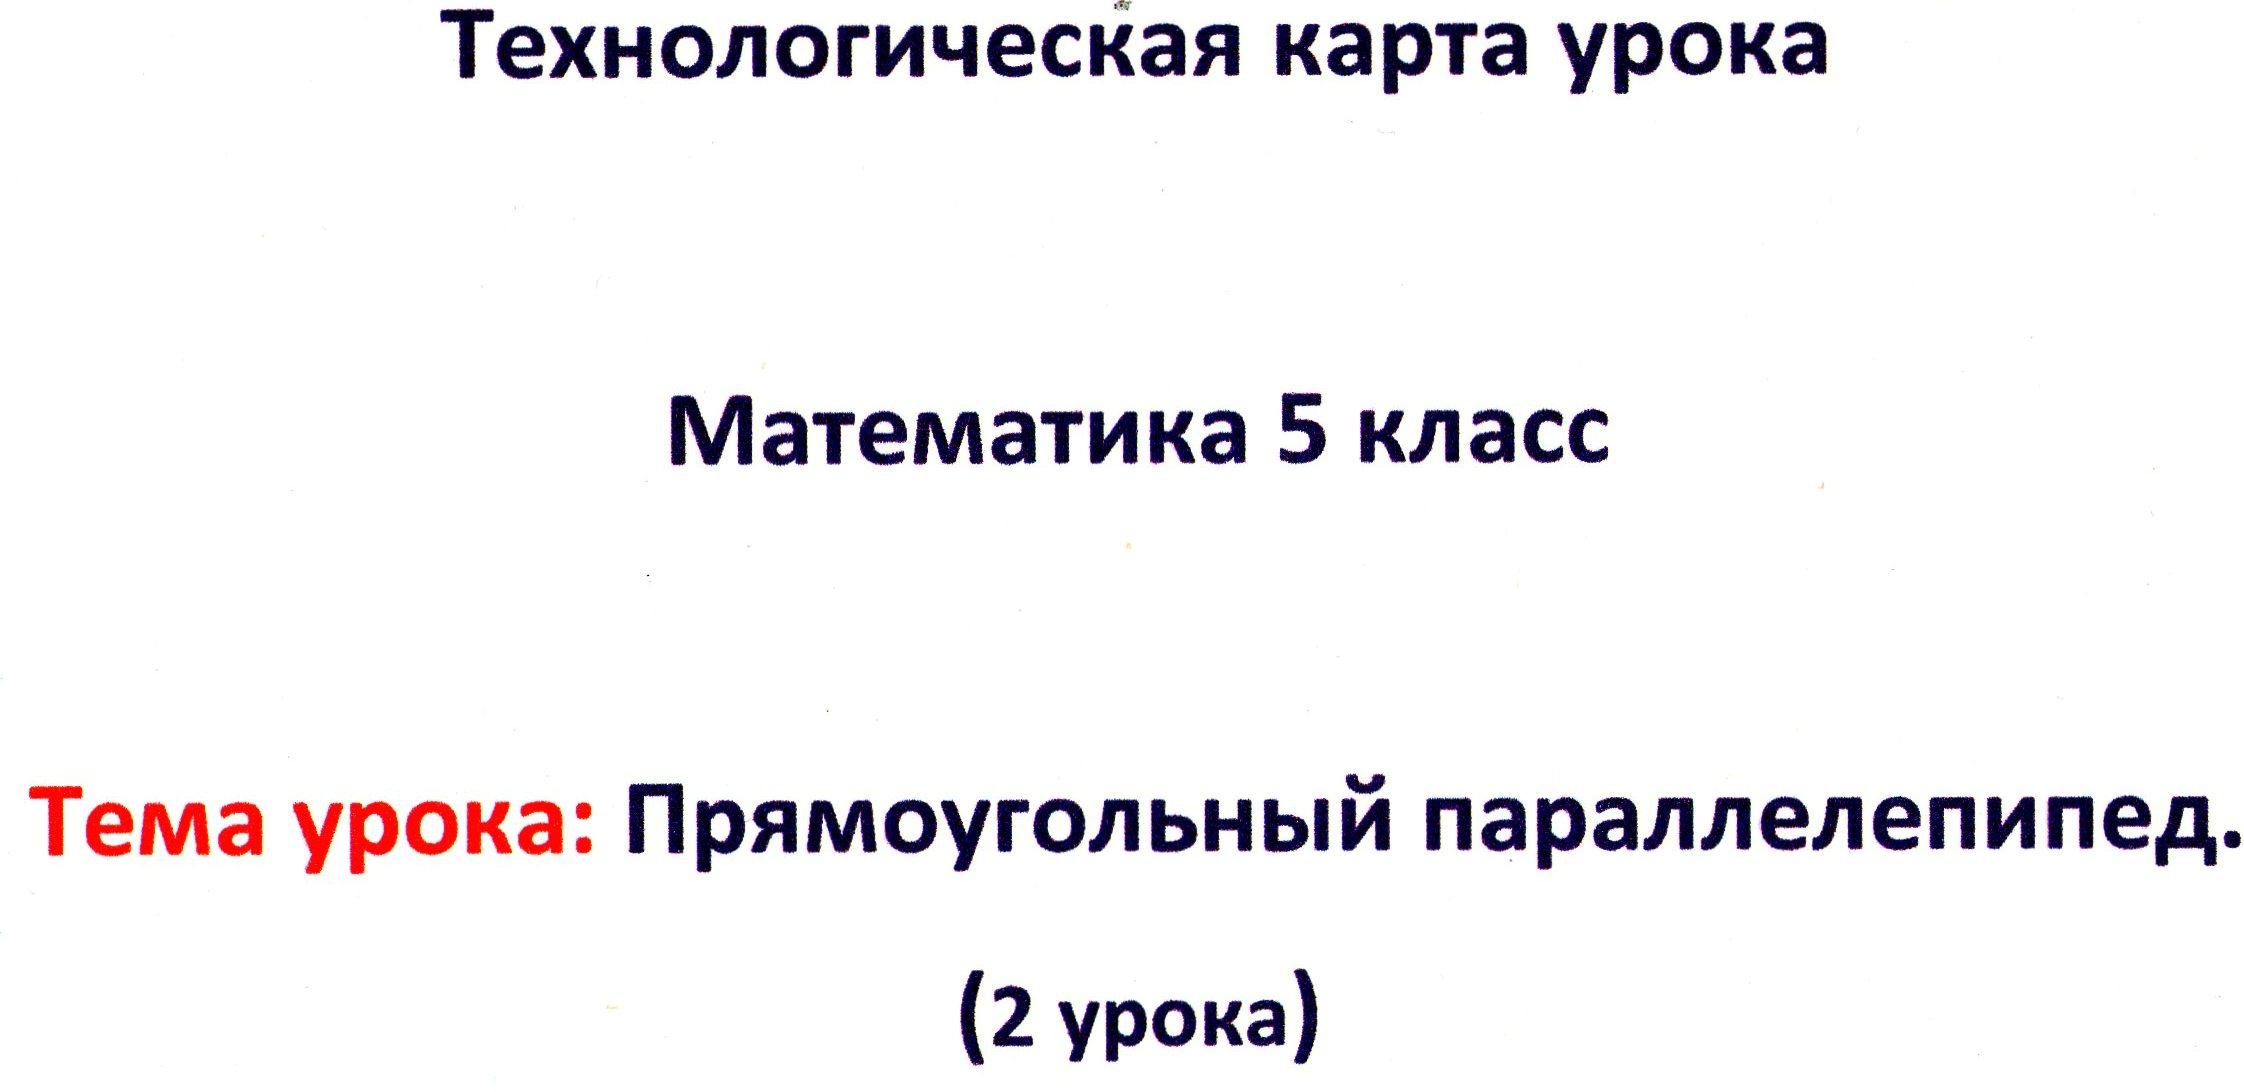 C:\Documents and Settings\Admin\Мои документы\Мои рисунки\img002.jpg